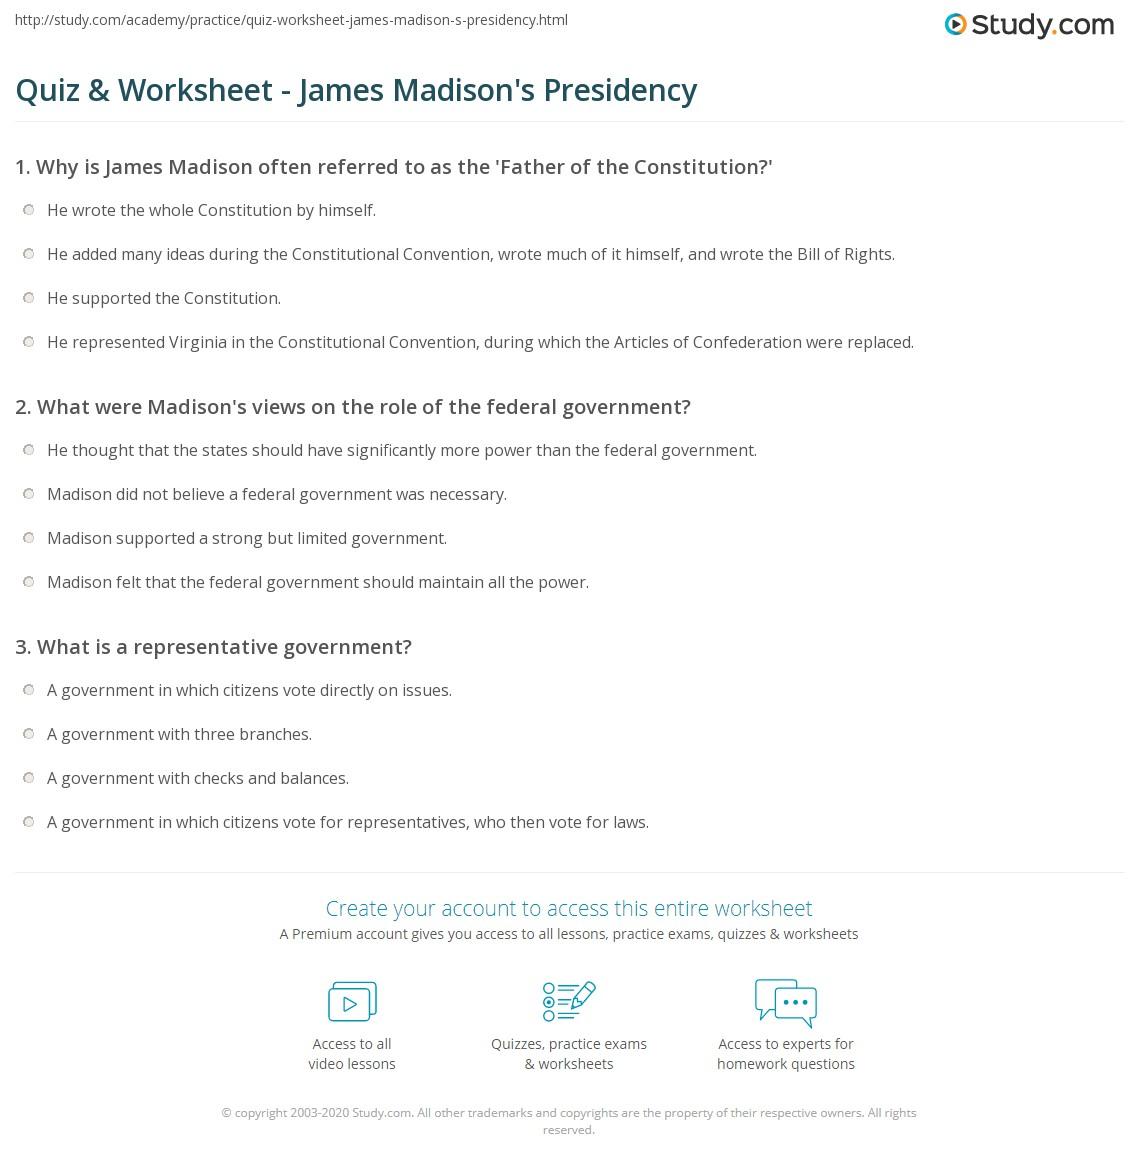 quiz worksheet james madison 39 s presidency. Black Bedroom Furniture Sets. Home Design Ideas